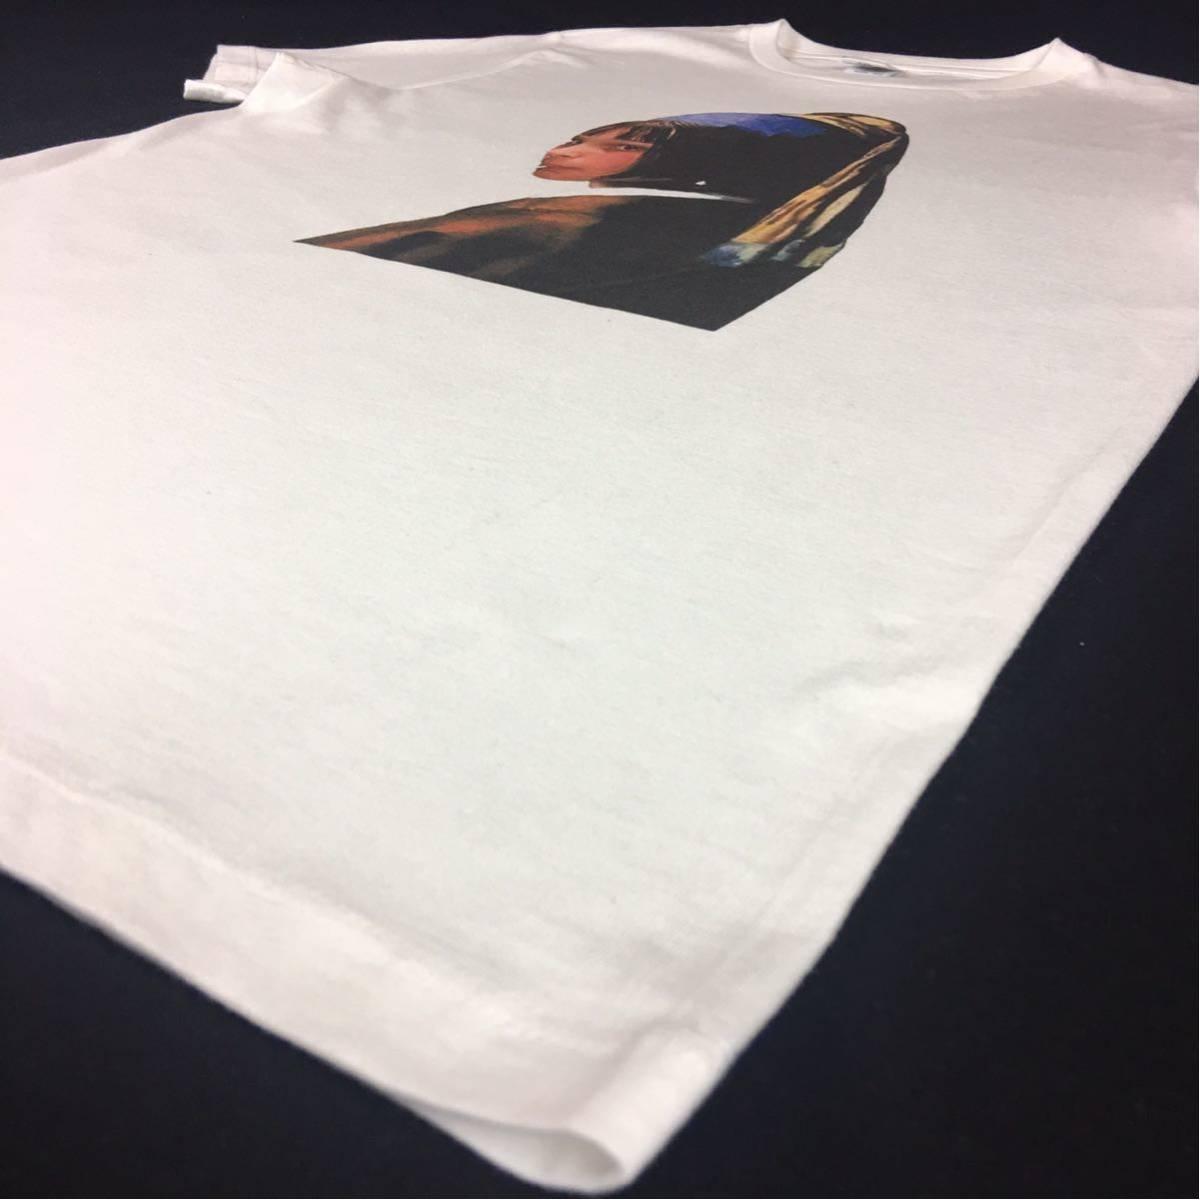 新品 映画 LEON レオン マチルダ フェルメール 真珠の耳飾りの少女 Tシャツ コラージュ デザイン S M L XL ビッグ サイズ XXL~5XL 長袖 OK_画像9